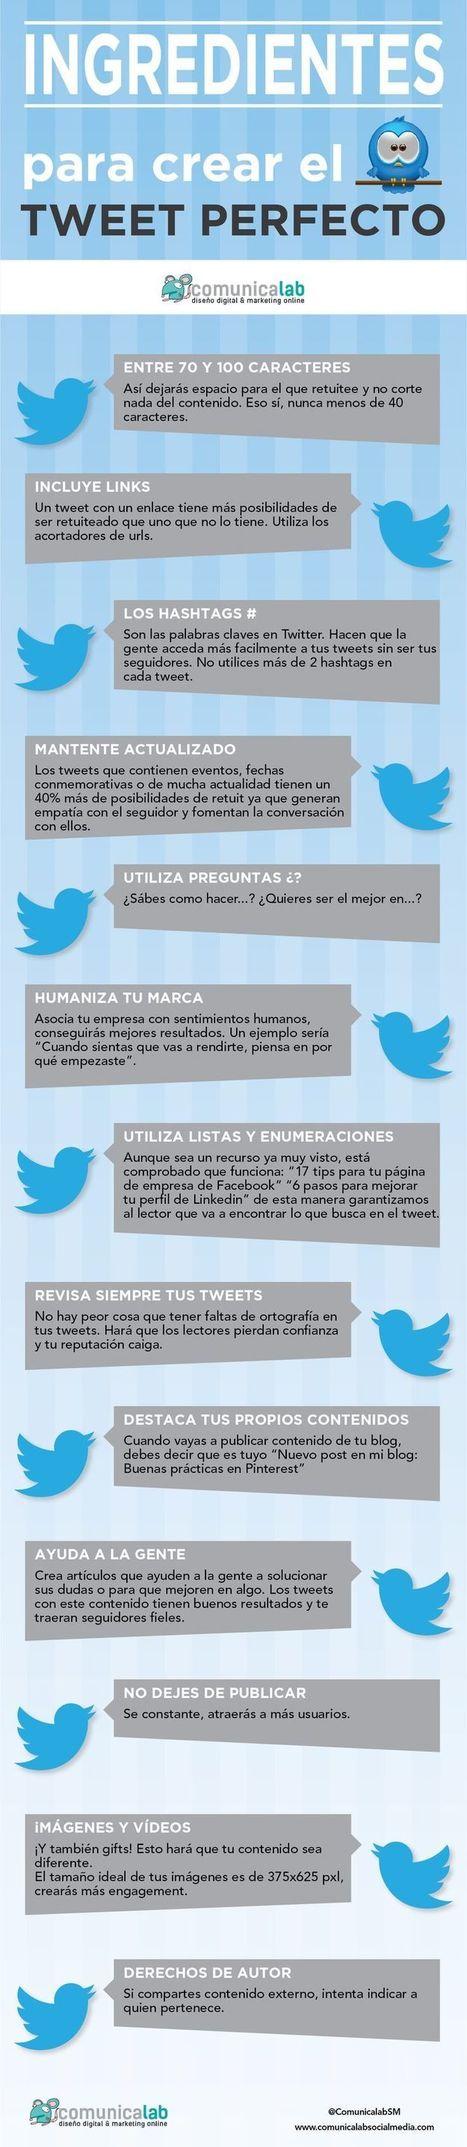 Los ingredientes del tweet perfecto | Bibliotecas y Educación Superior | Scoop.it